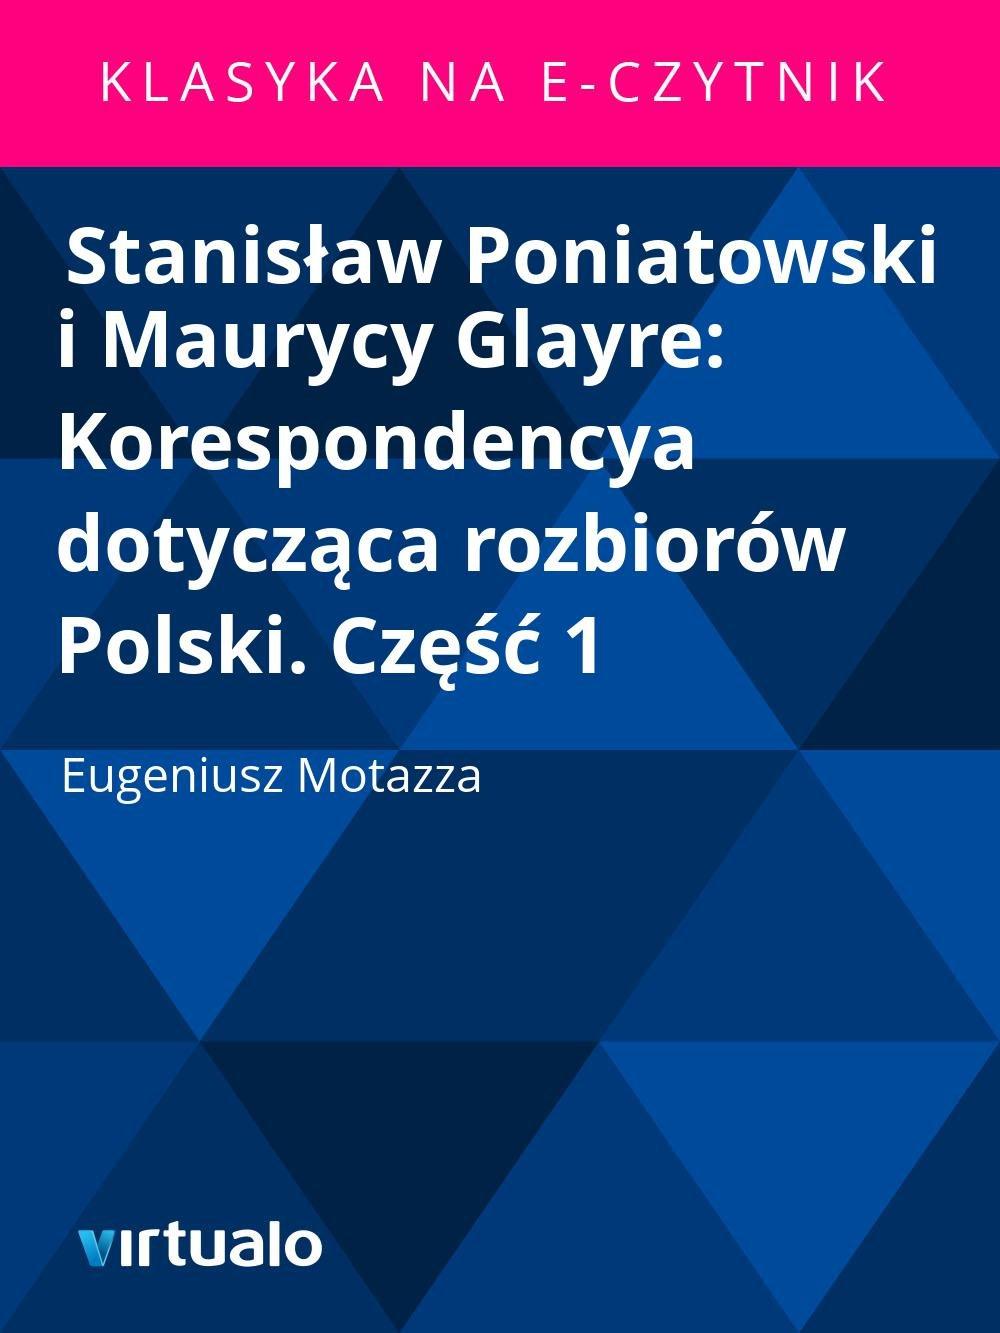 Stanisław Poniatowski i Maurycy Glayre: Korespondencya dotycząca rozbiorów Polski. Część 1 - Ebook (Książka EPUB) do pobrania w formacie EPUB